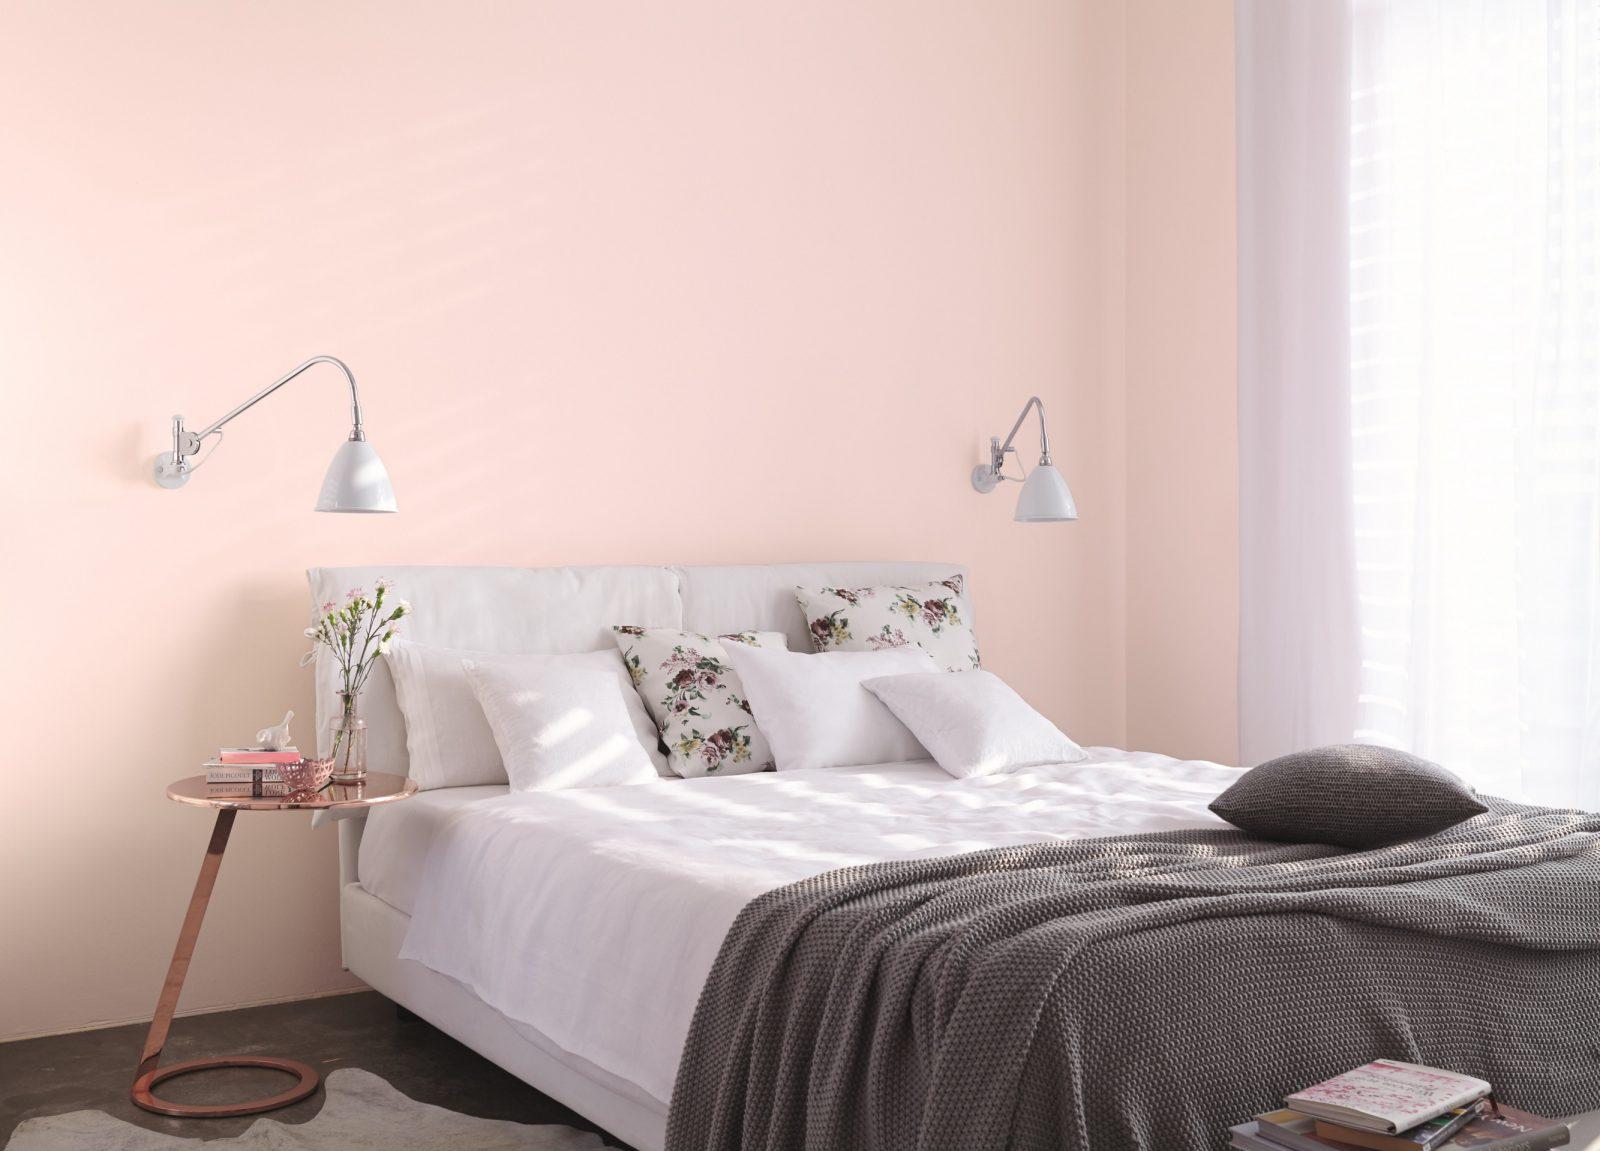 Ideen Für Die Gestaltung Vom Schlafzimmer Alpina Farbe von Schlafzimmer Wandfarbe Ideen Photo